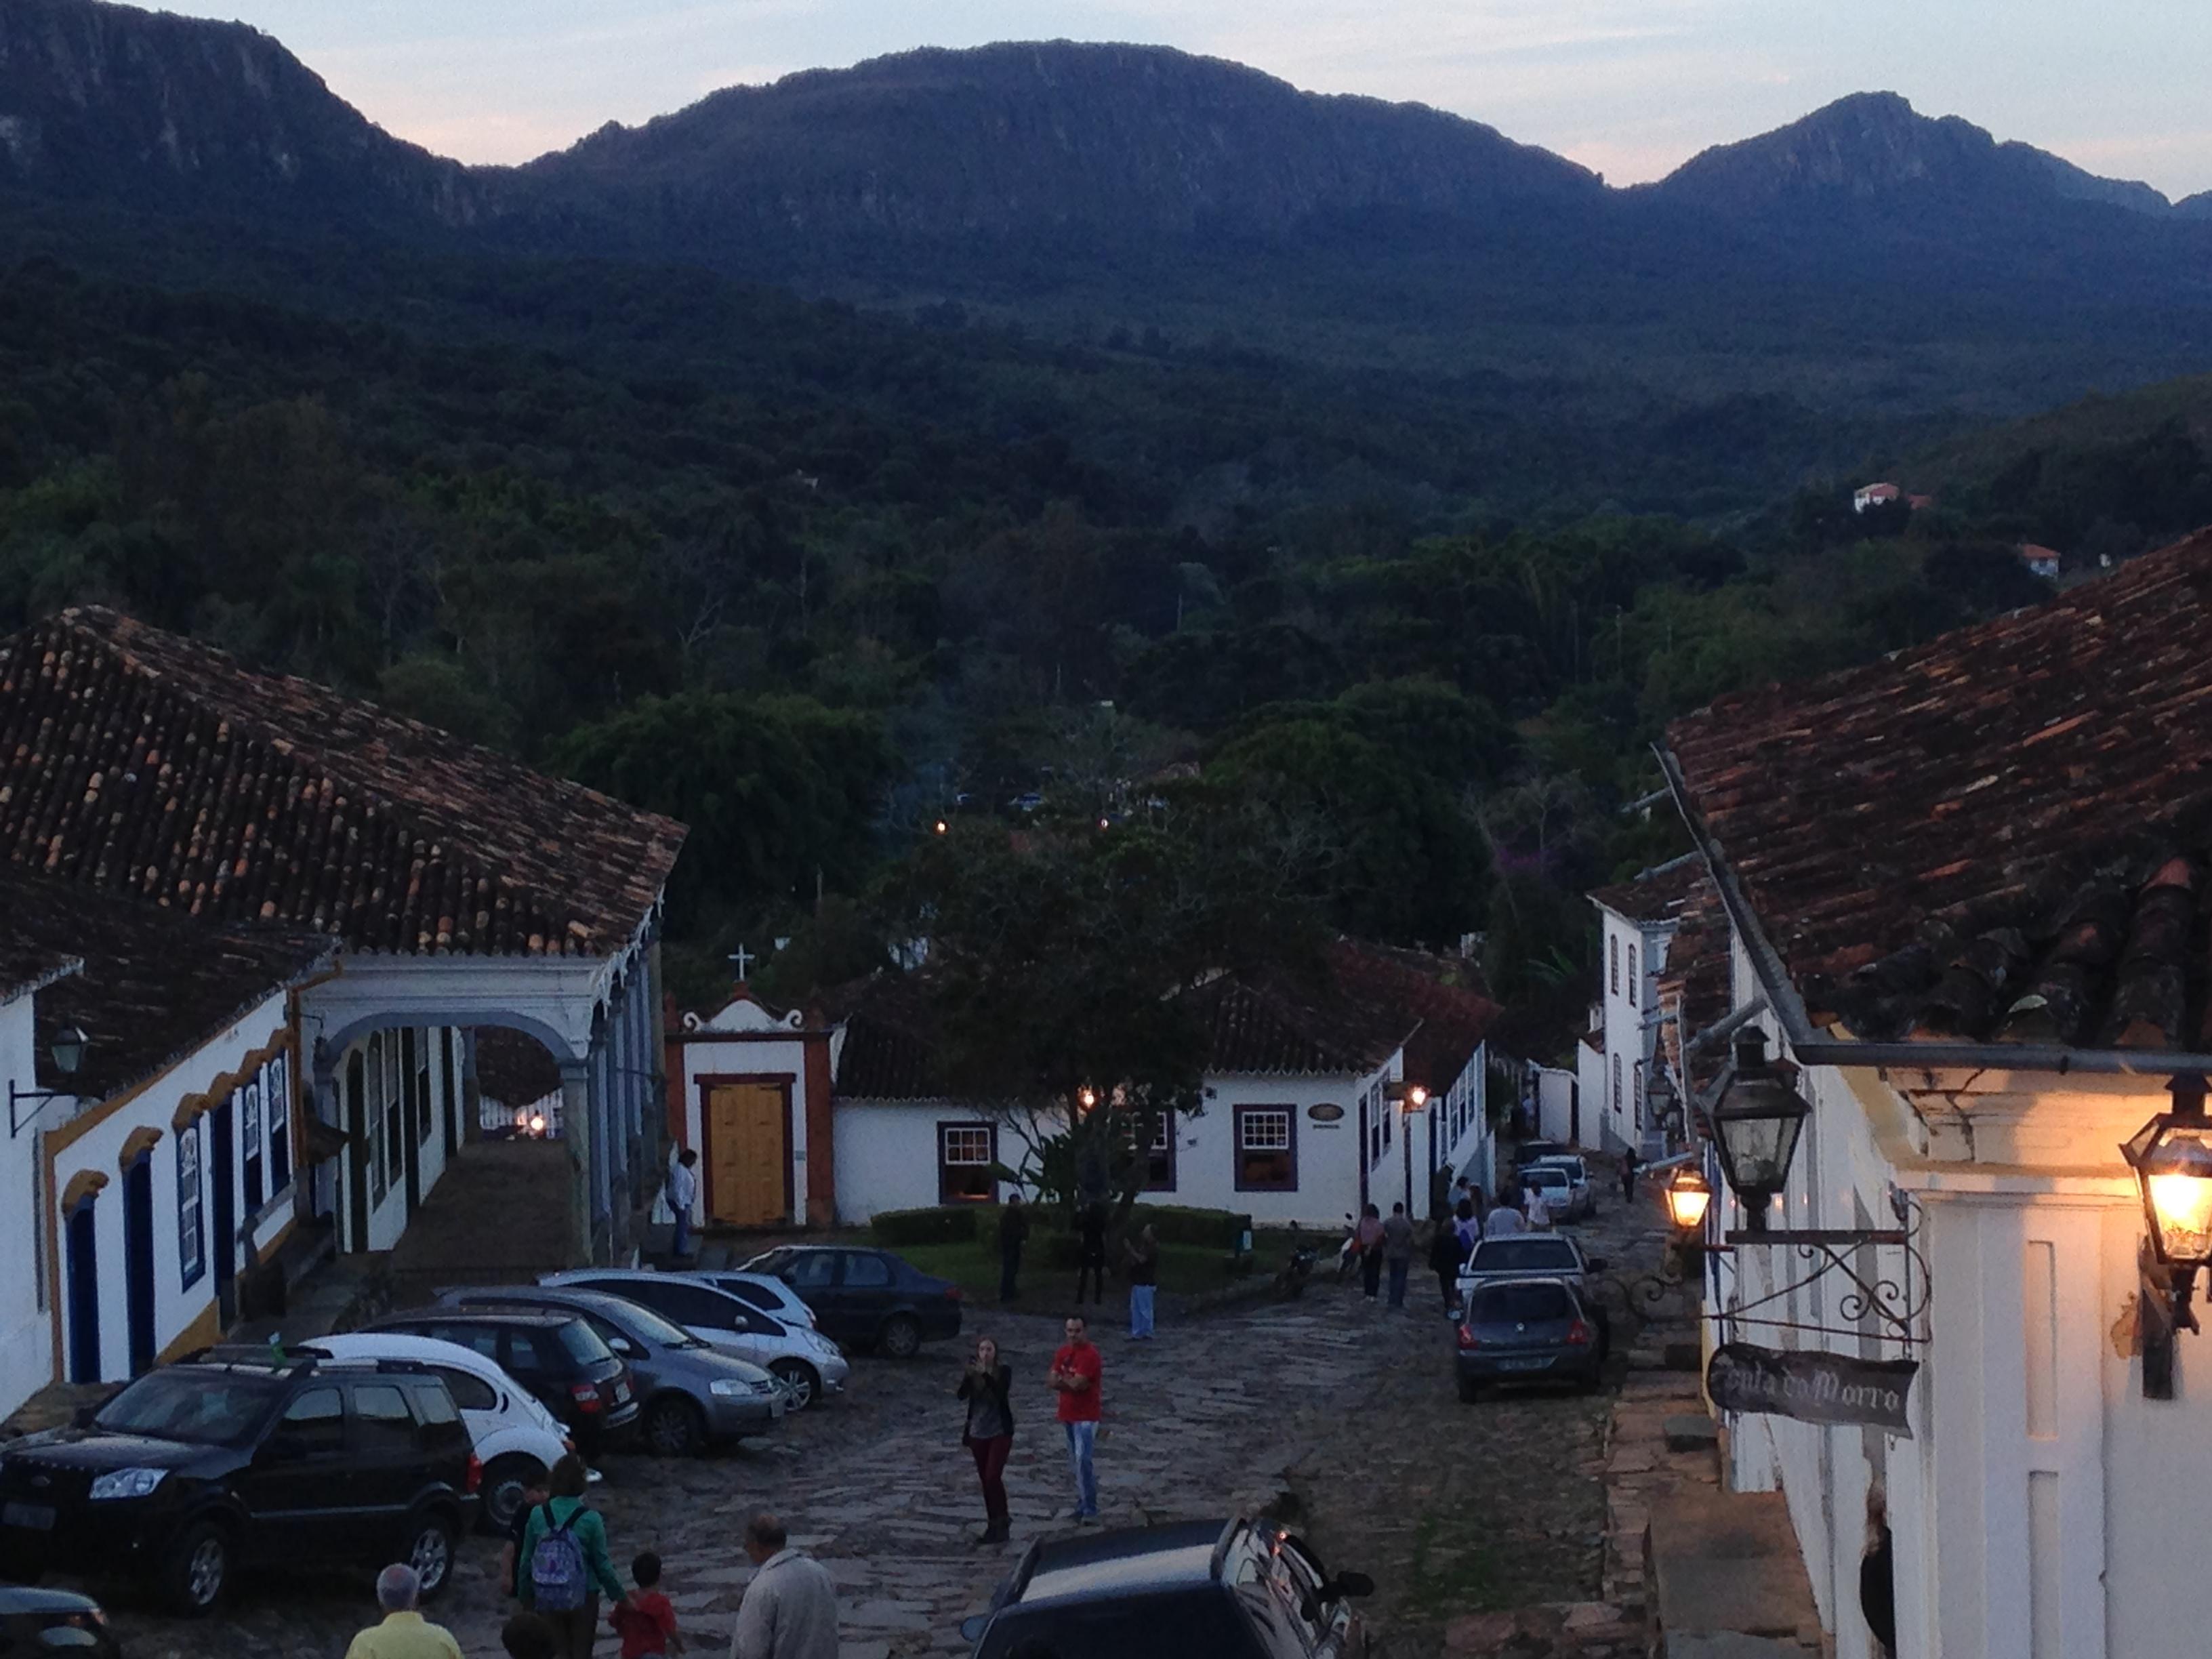 20140620 200654069 ios1 - Tiradentes (Brasil) y un paseo por la ruta del oro en Minas Gerais